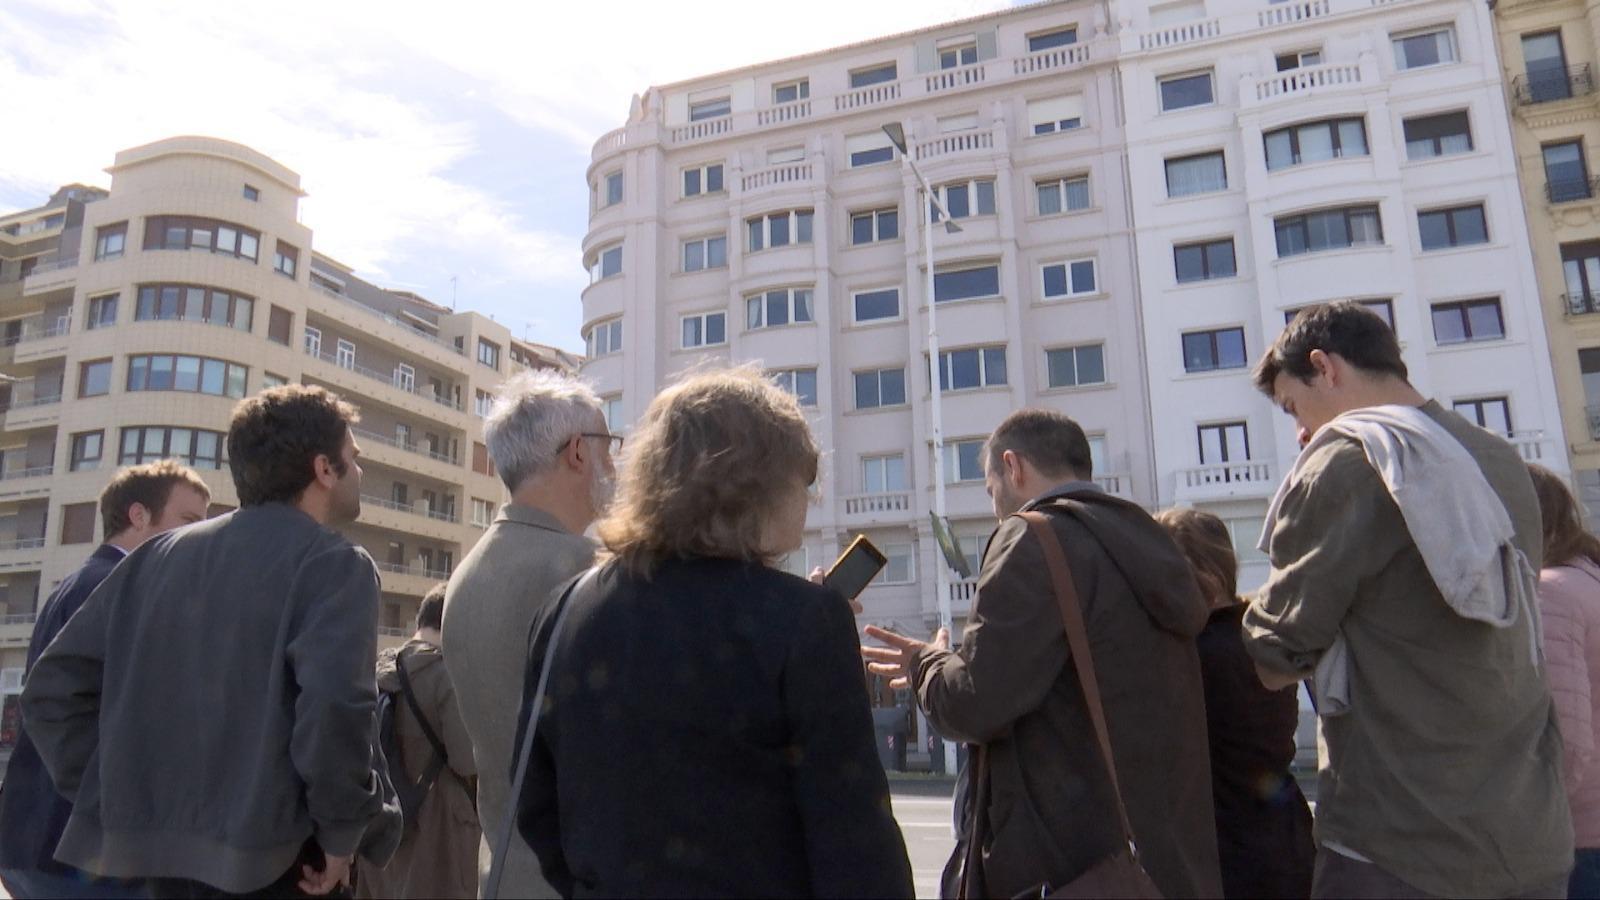 foto noticia: BIM4REN se acerca a Donostia para visitar de primera mano el edificio Piloto que forma parte del proyecto